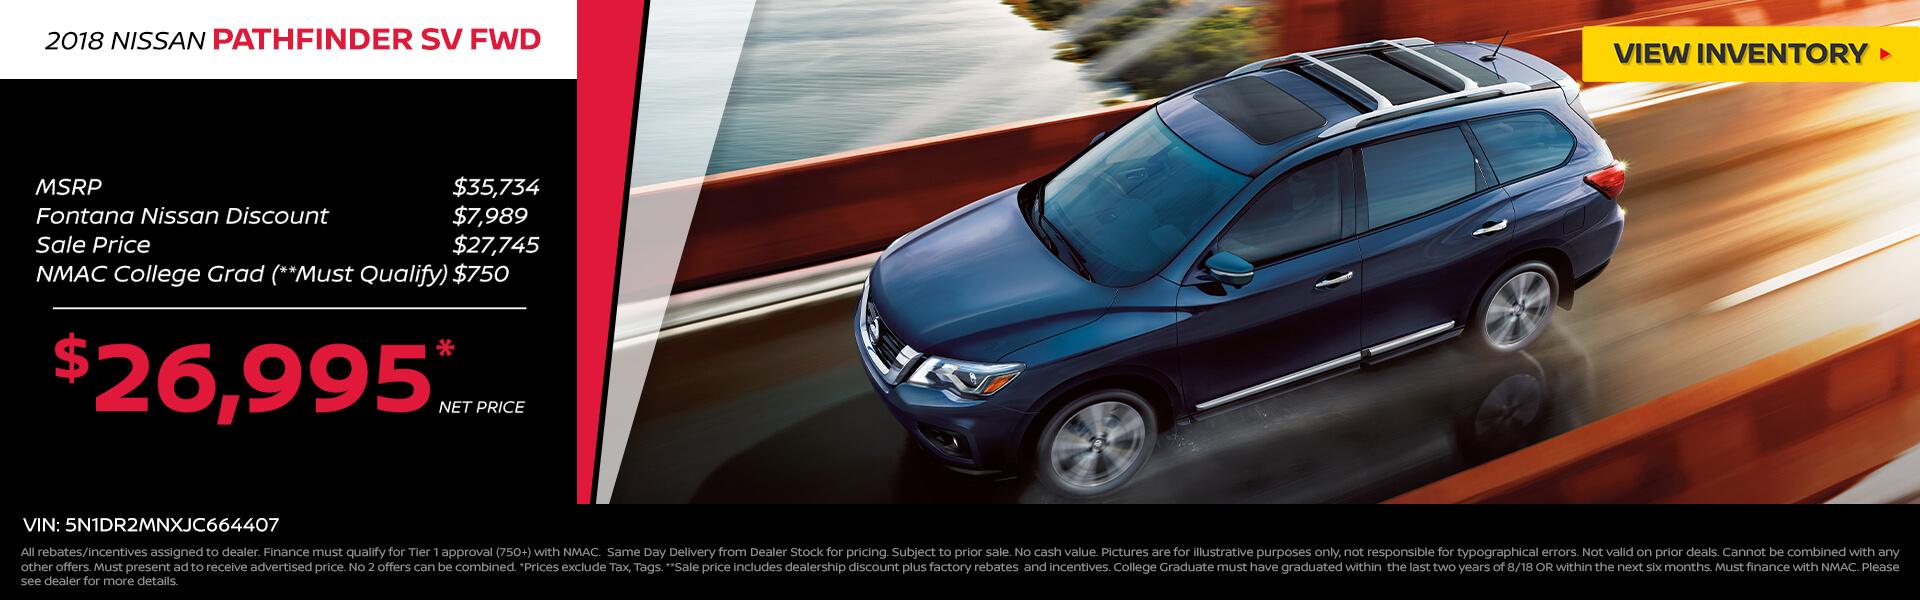 Nissan Pathfinder $26,995 Purchase